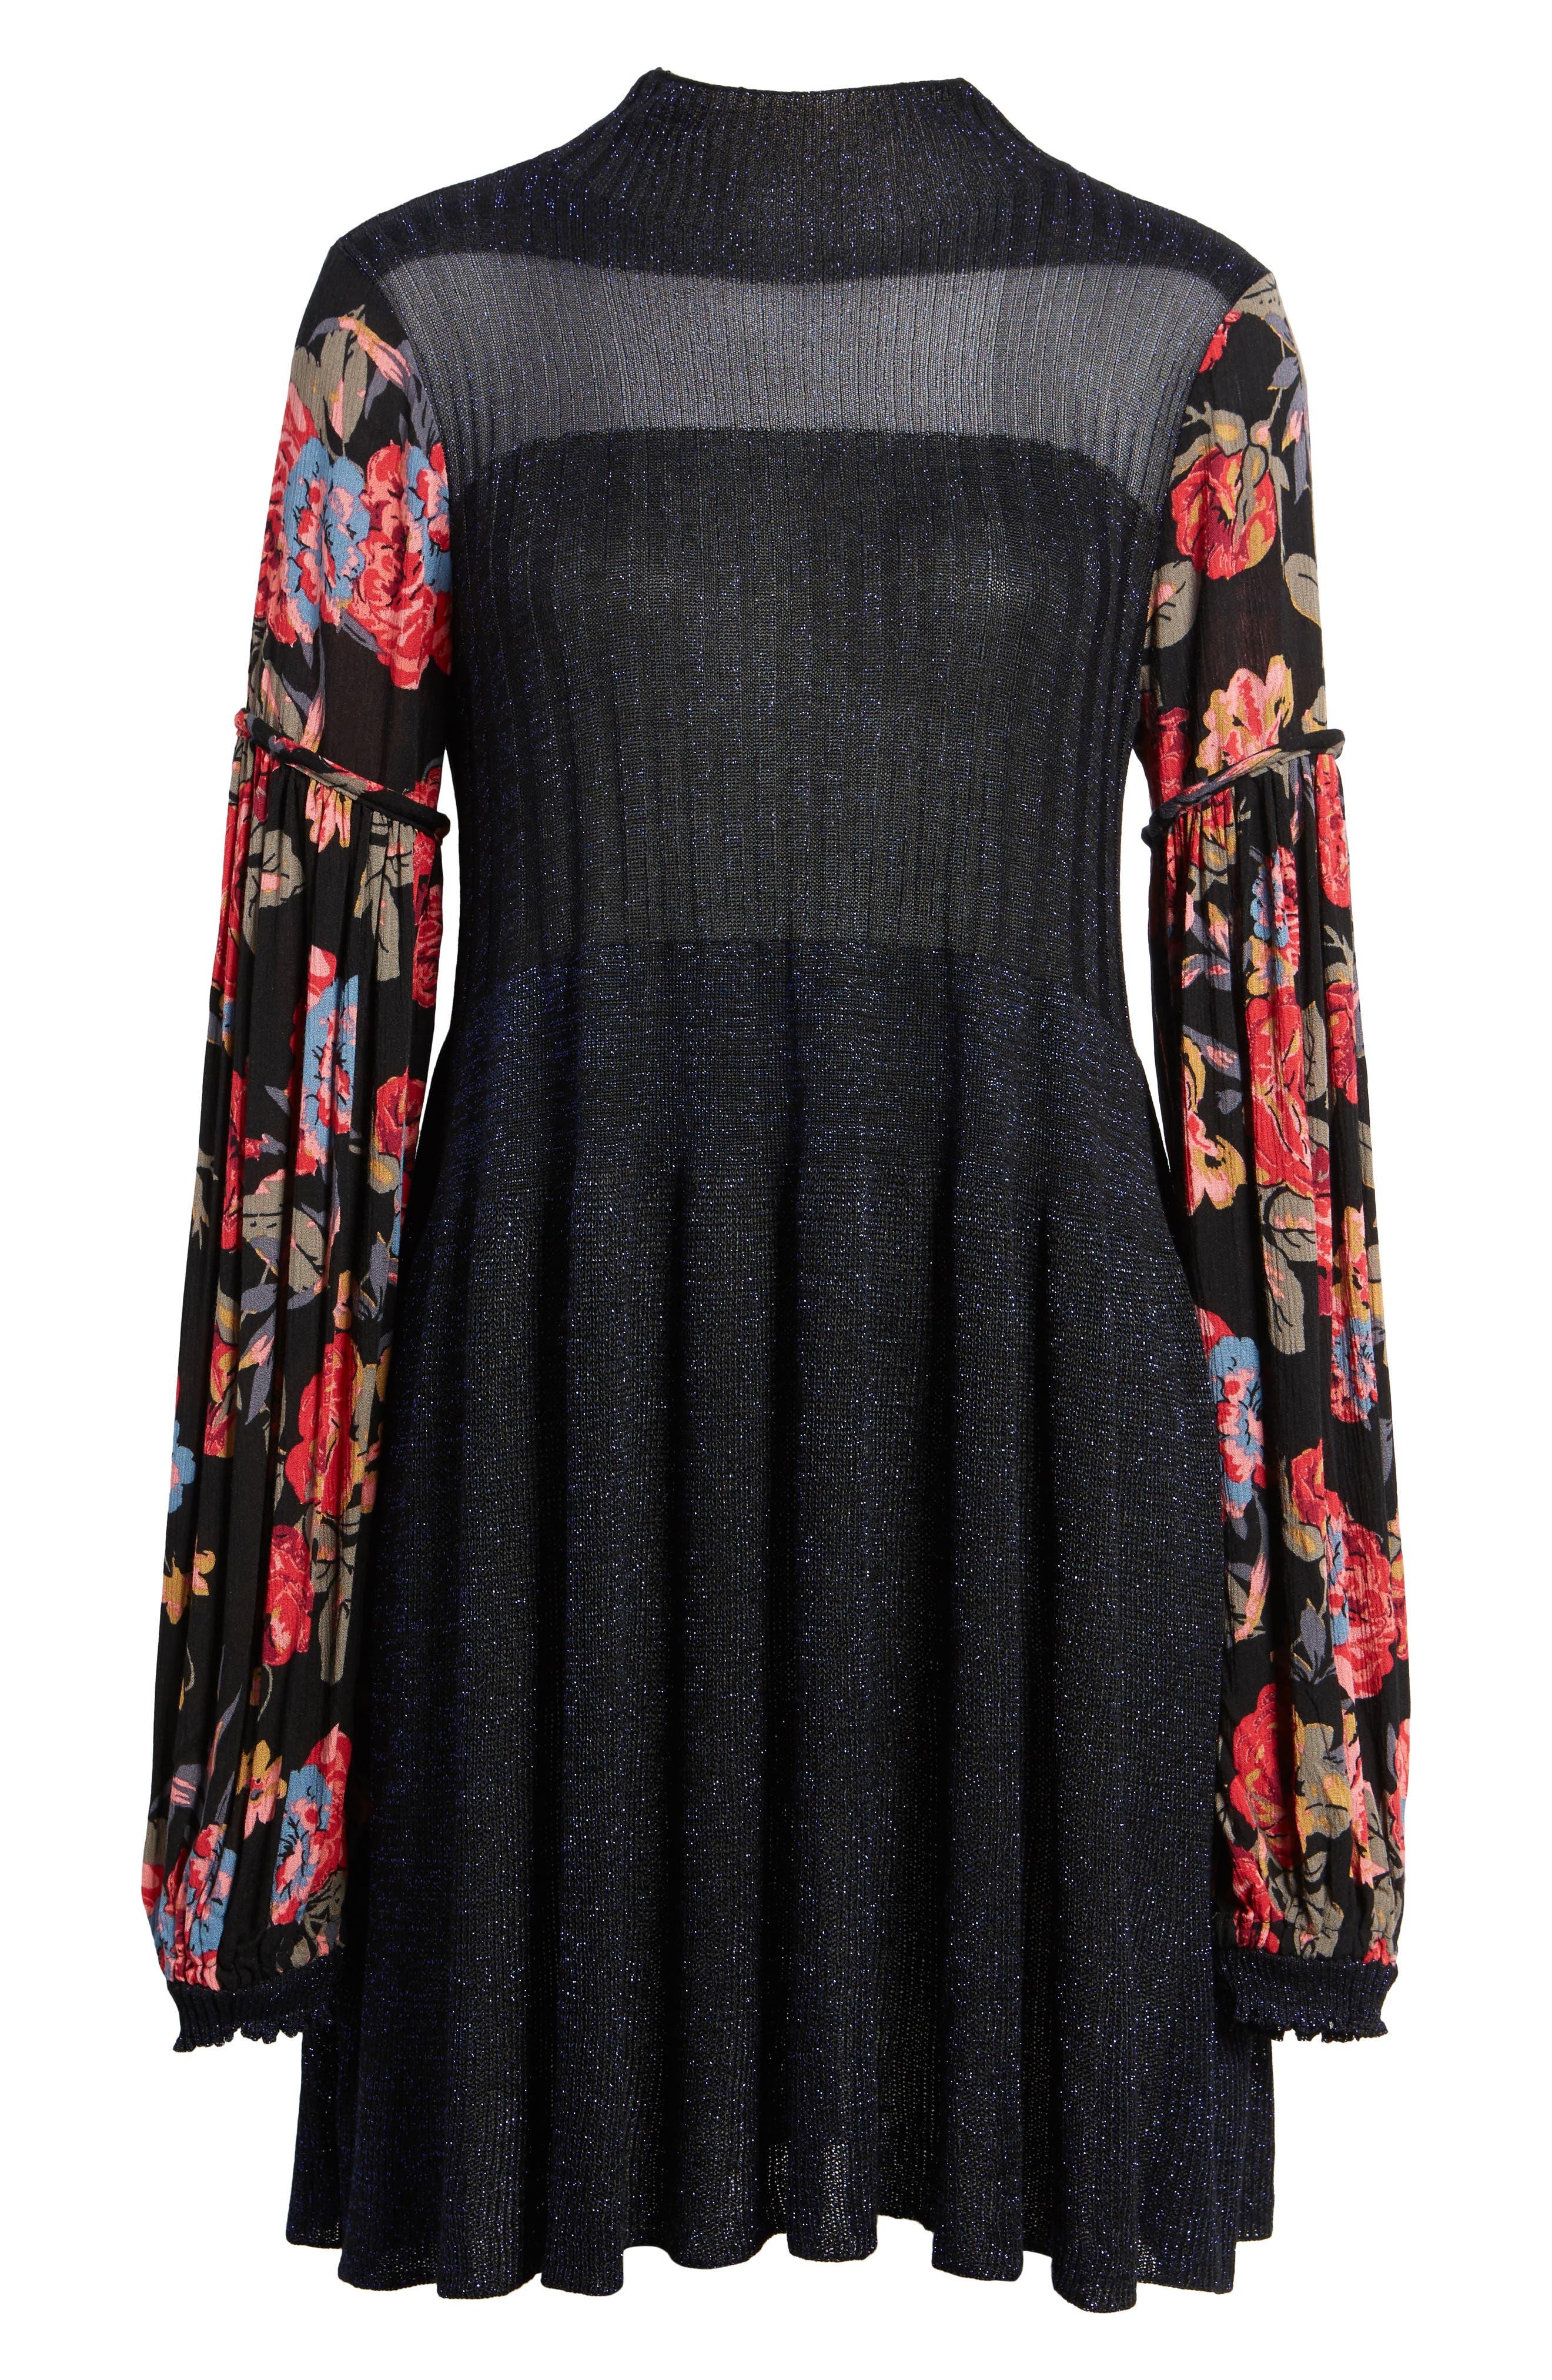 Rose & Shine Sweater Dress,                             Alternate thumbnail 6, color,                             Black Combo